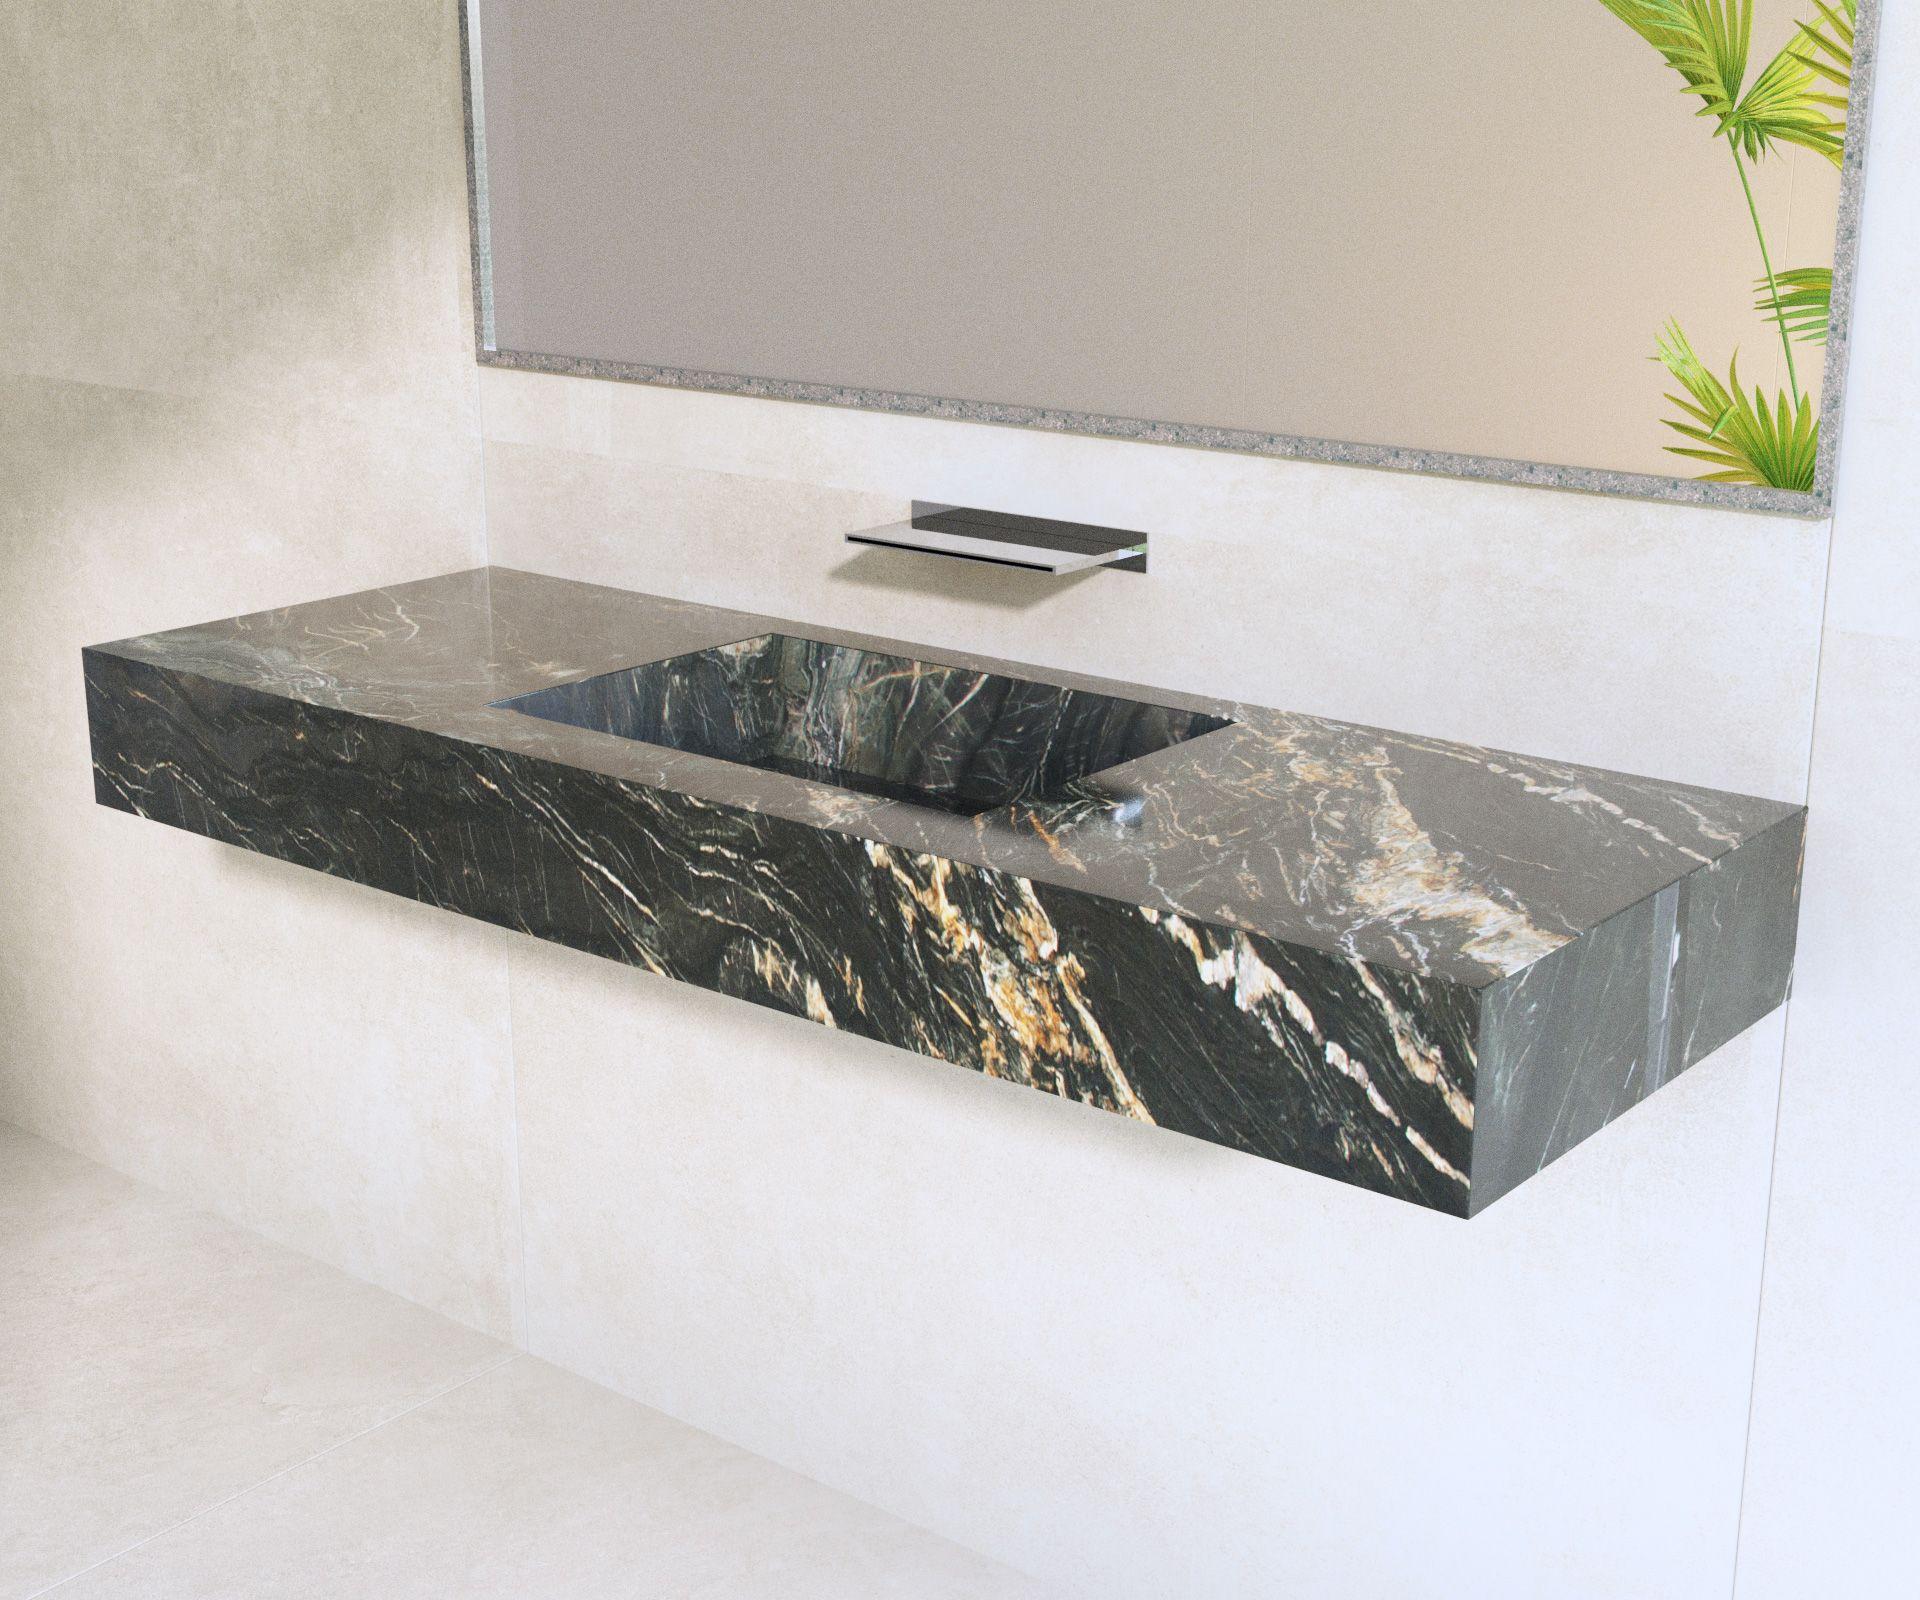 Salle de bain - Plan vasque en Granit Belvédère - Architecture